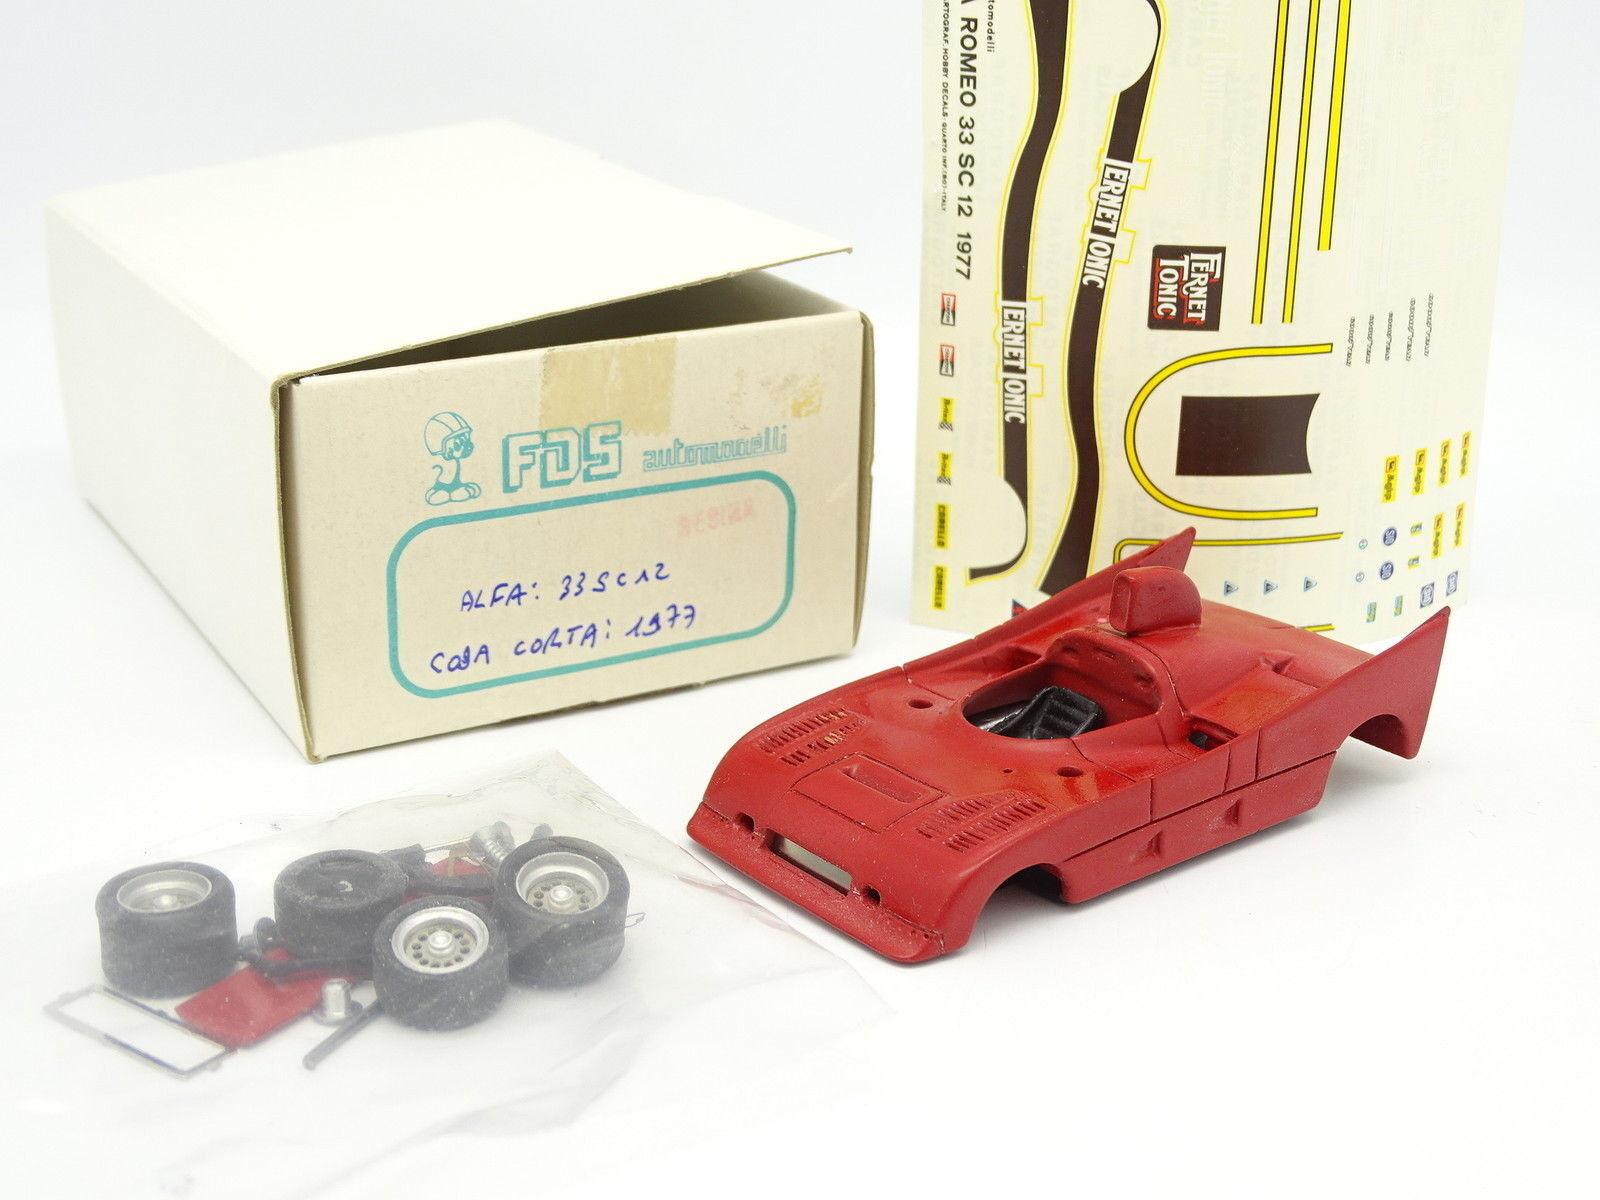 FDS Set zum Zusammenbauen 1 43 - Alfa Romeo 33 SC12 Coda kurz 1977